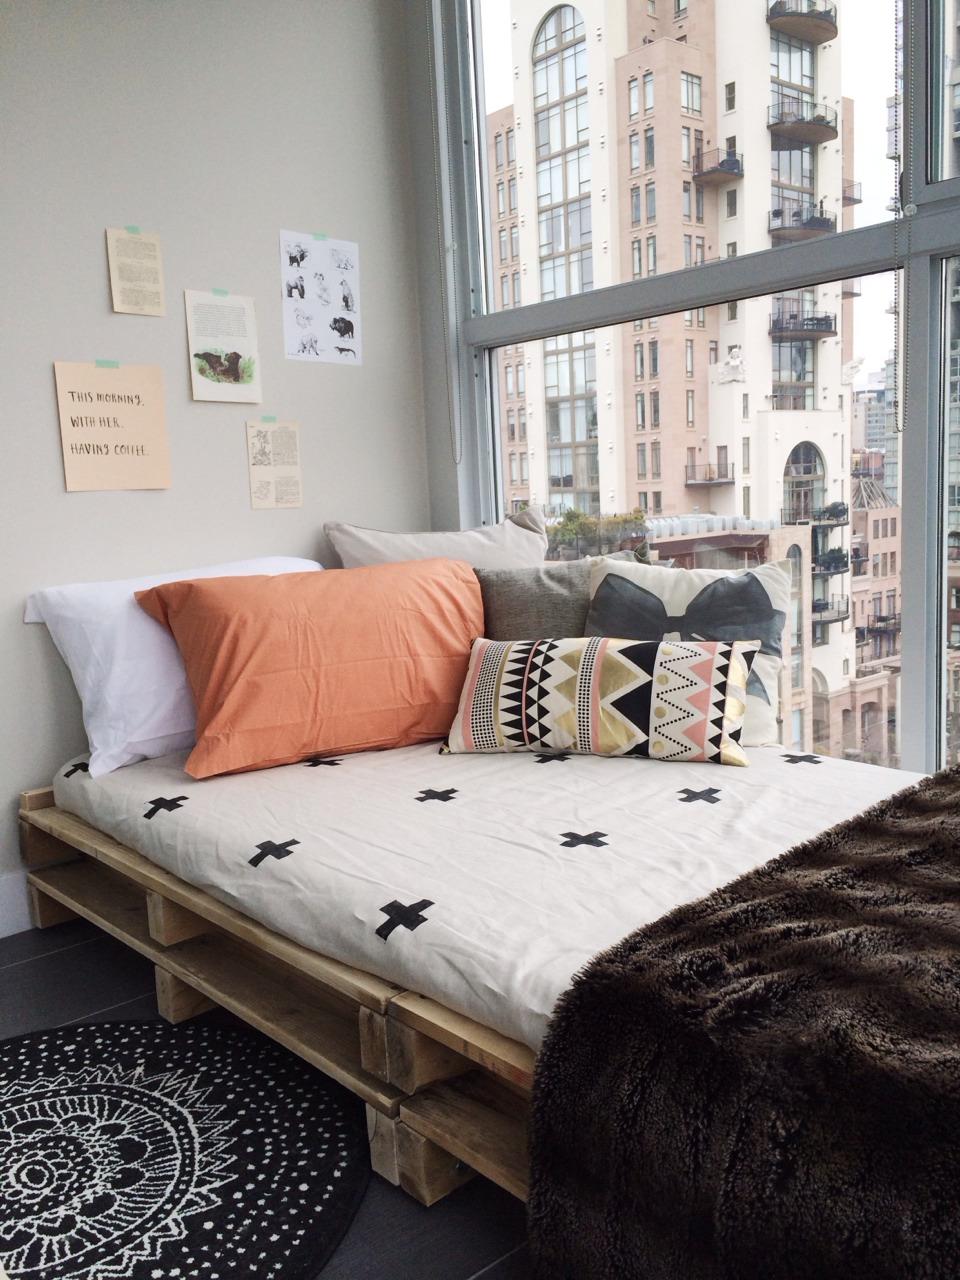 Cama de pallet simples para apartamento do tipo loft ou studio